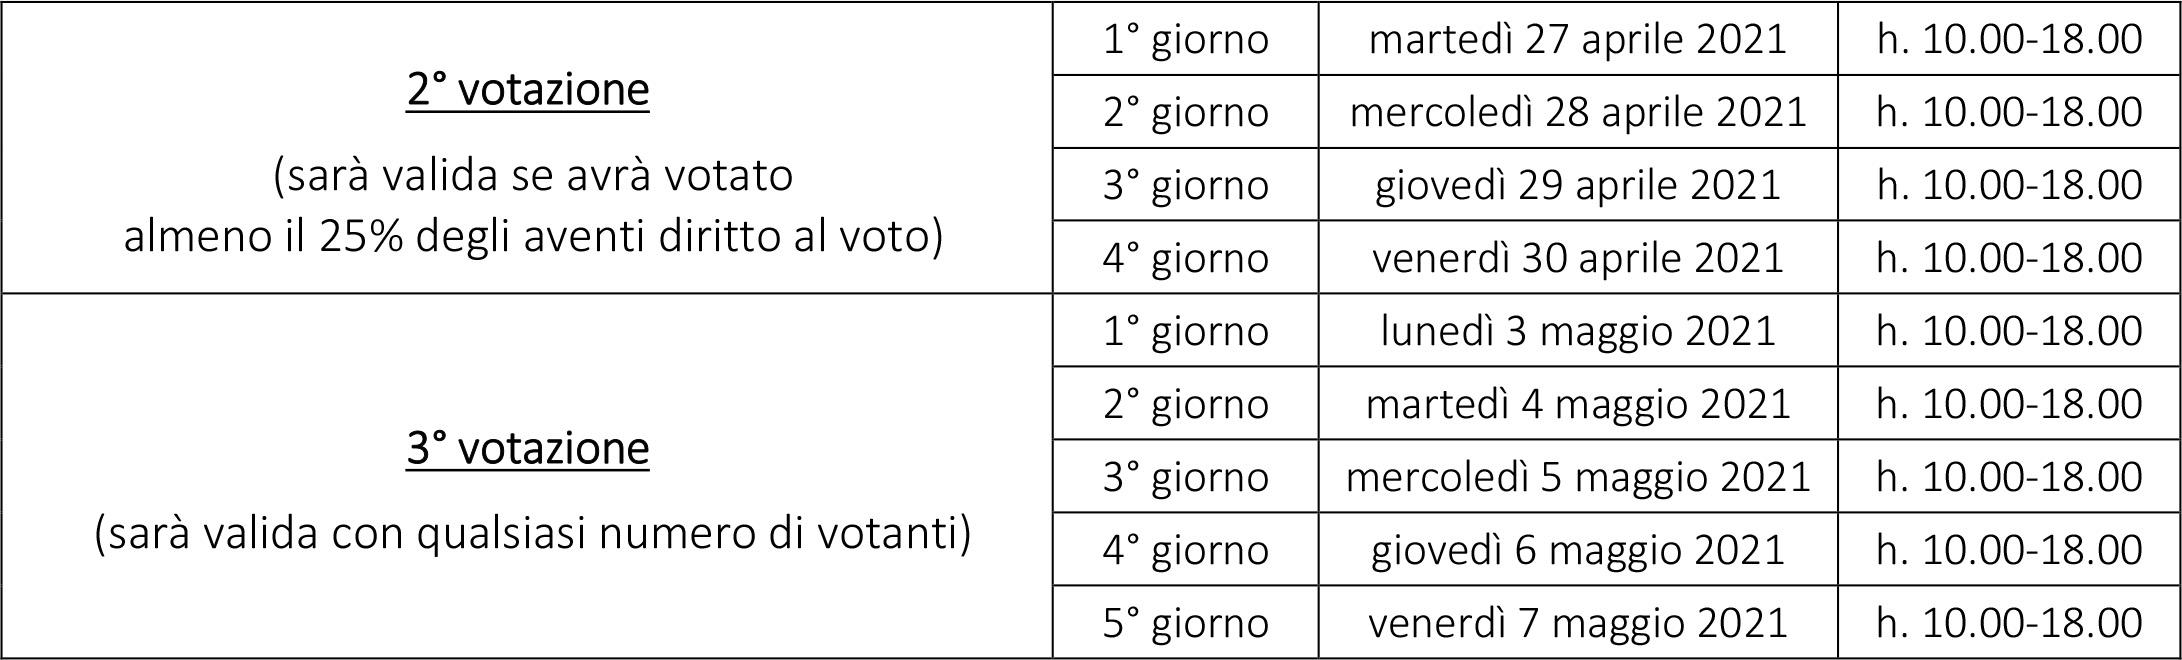 2-3-votazione